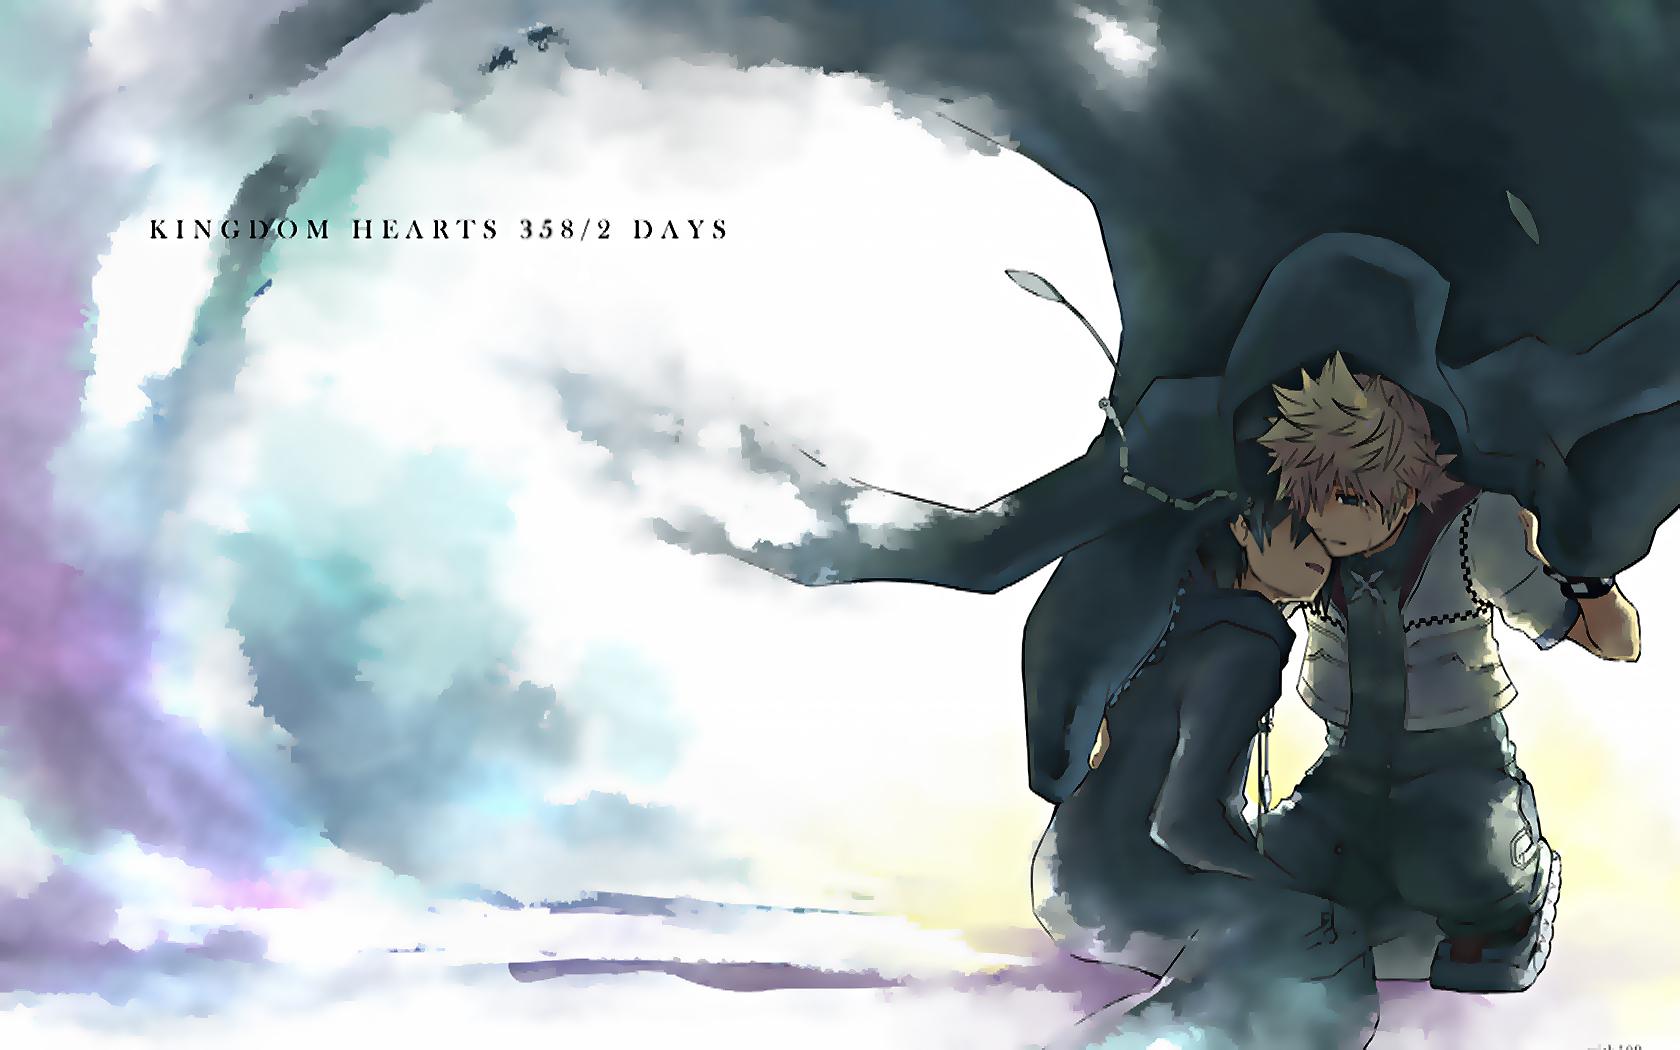 Kingdom Hearts 2 Wallpaper Quotes QuotesGram 1680x1050